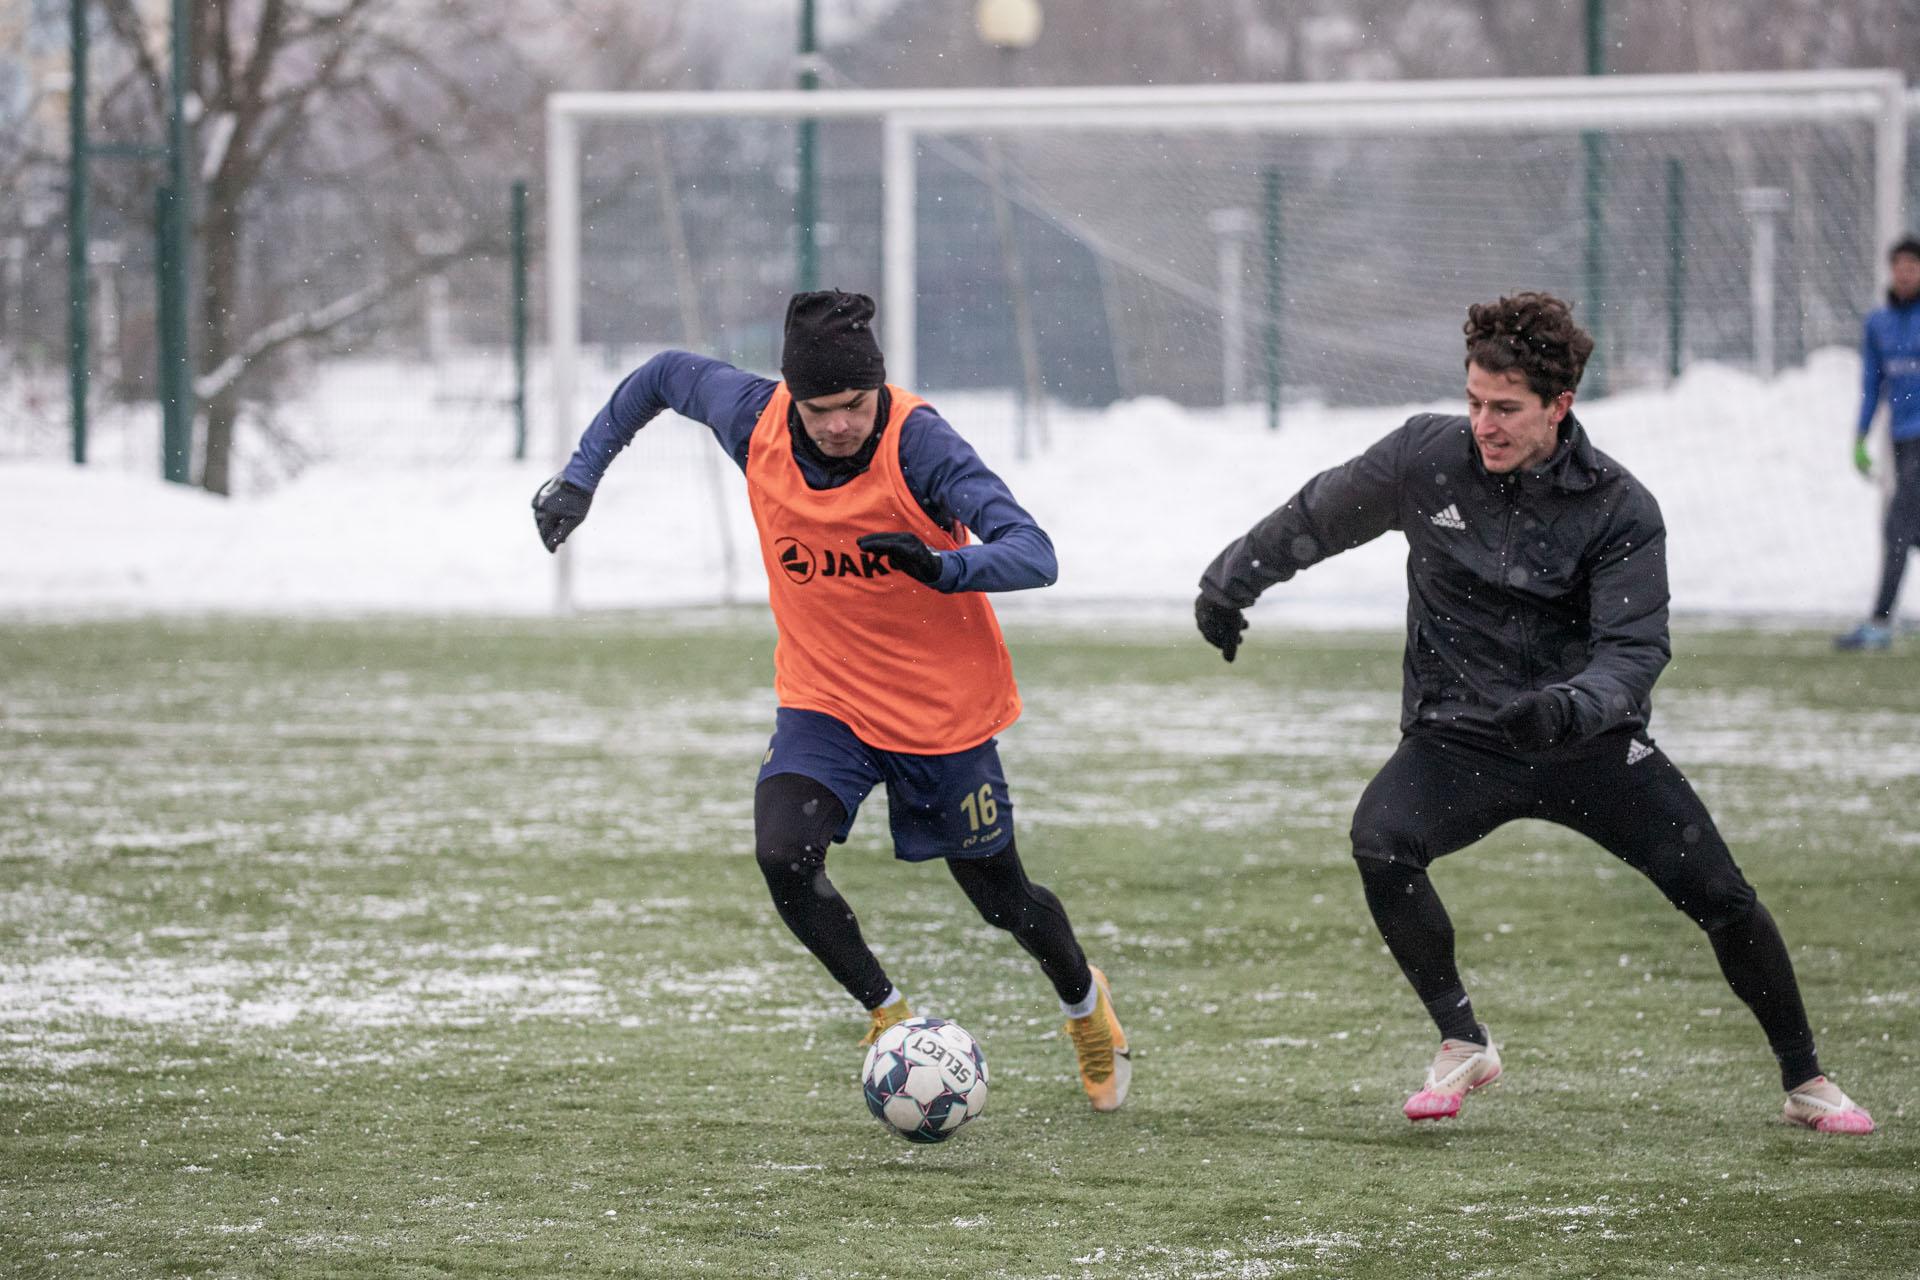 sparing Stal Rzeszów U19 - Lechia Sędziszów Młp. 2021-02-13, fot. K. Kupa